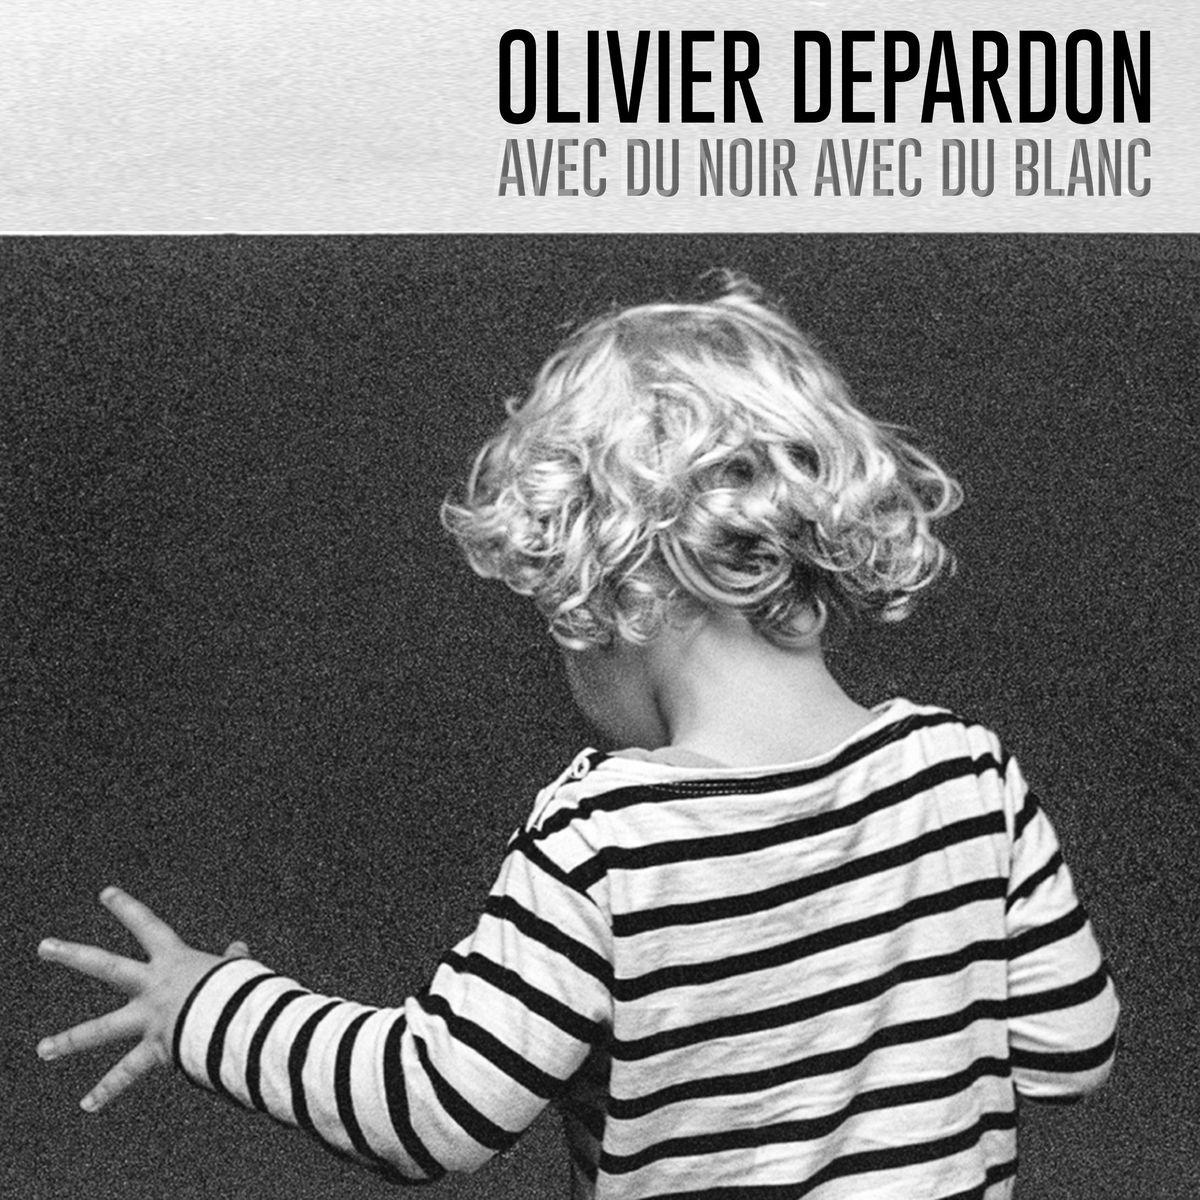 Olivier Depardon - Avec du noir avec du blanc